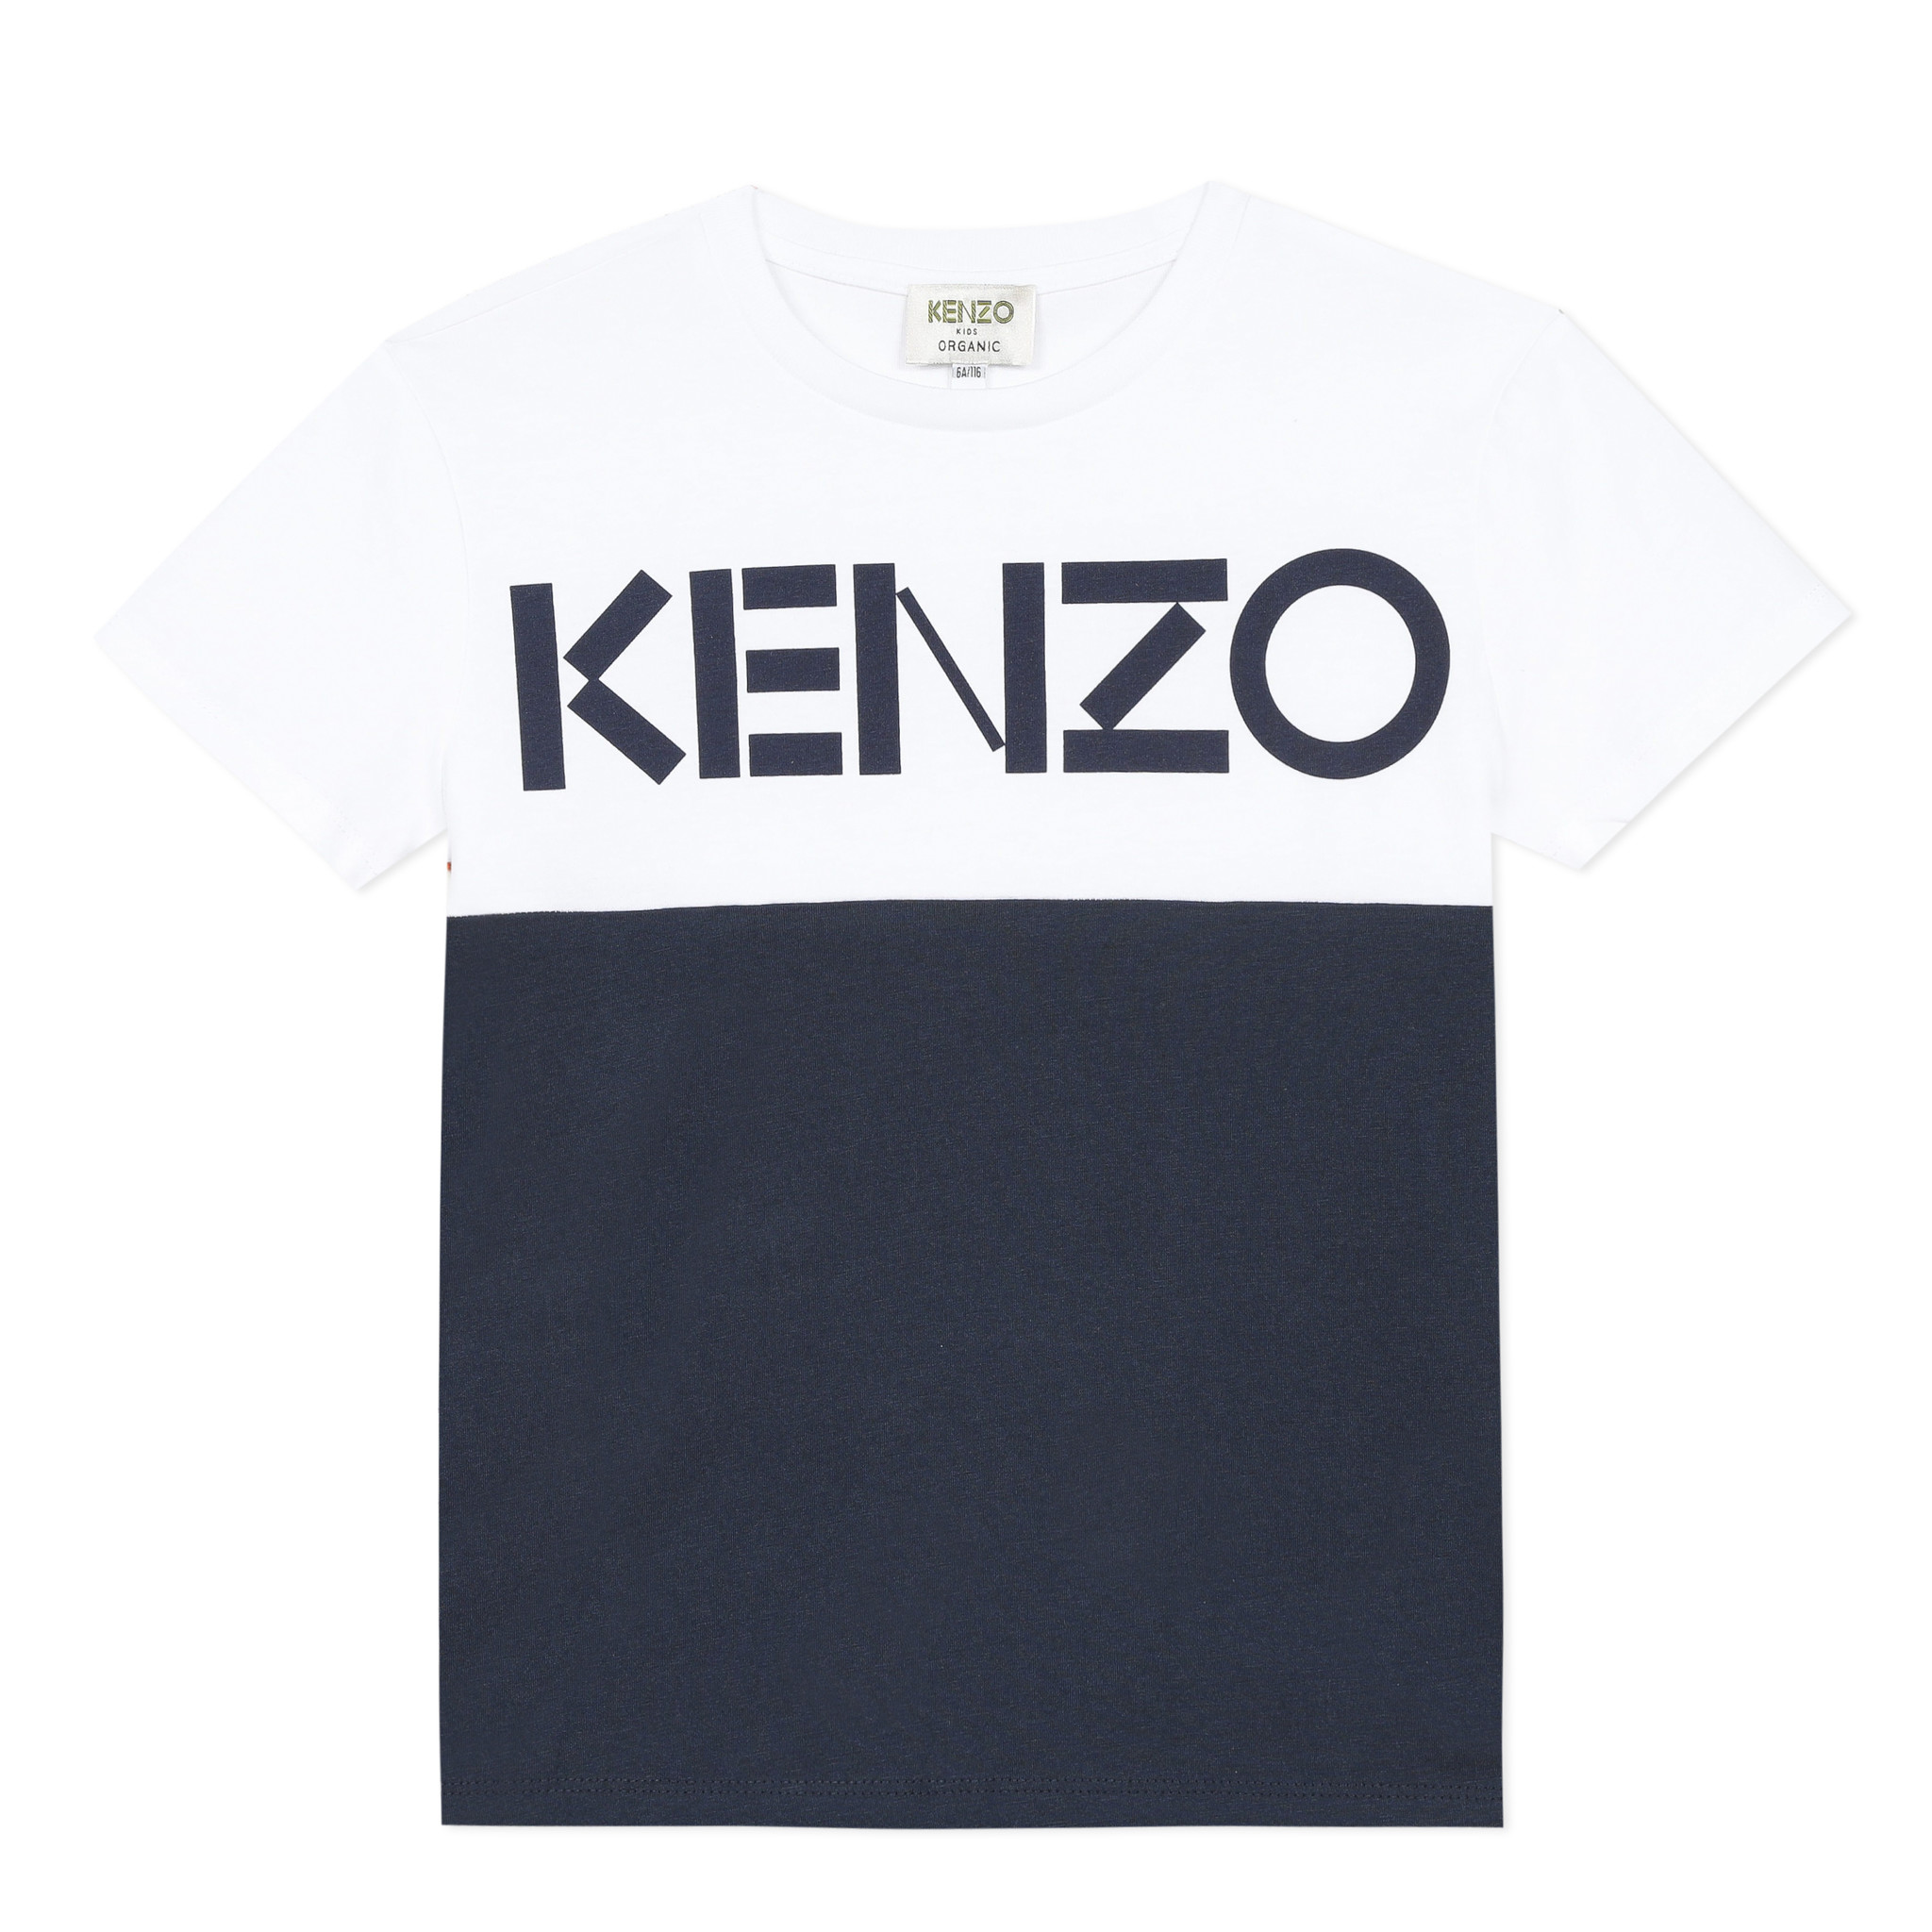 KENZO KIDS Tee-shirt-1